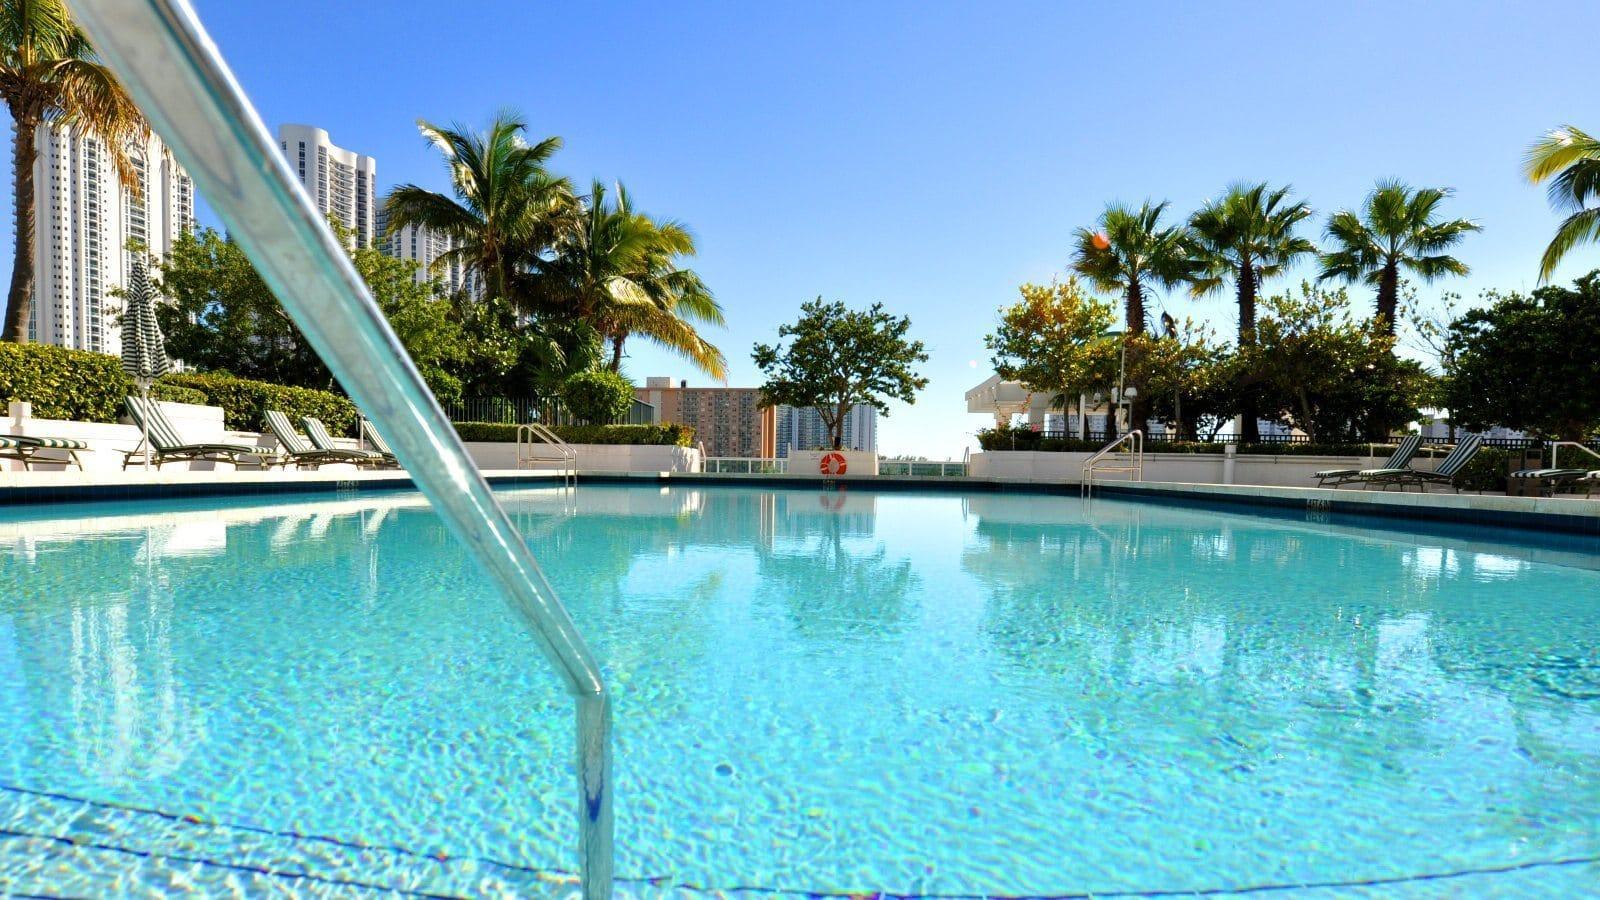 le march de la piscine renoue avec la croissance en 2015 id es piscine. Black Bedroom Furniture Sets. Home Design Ideas